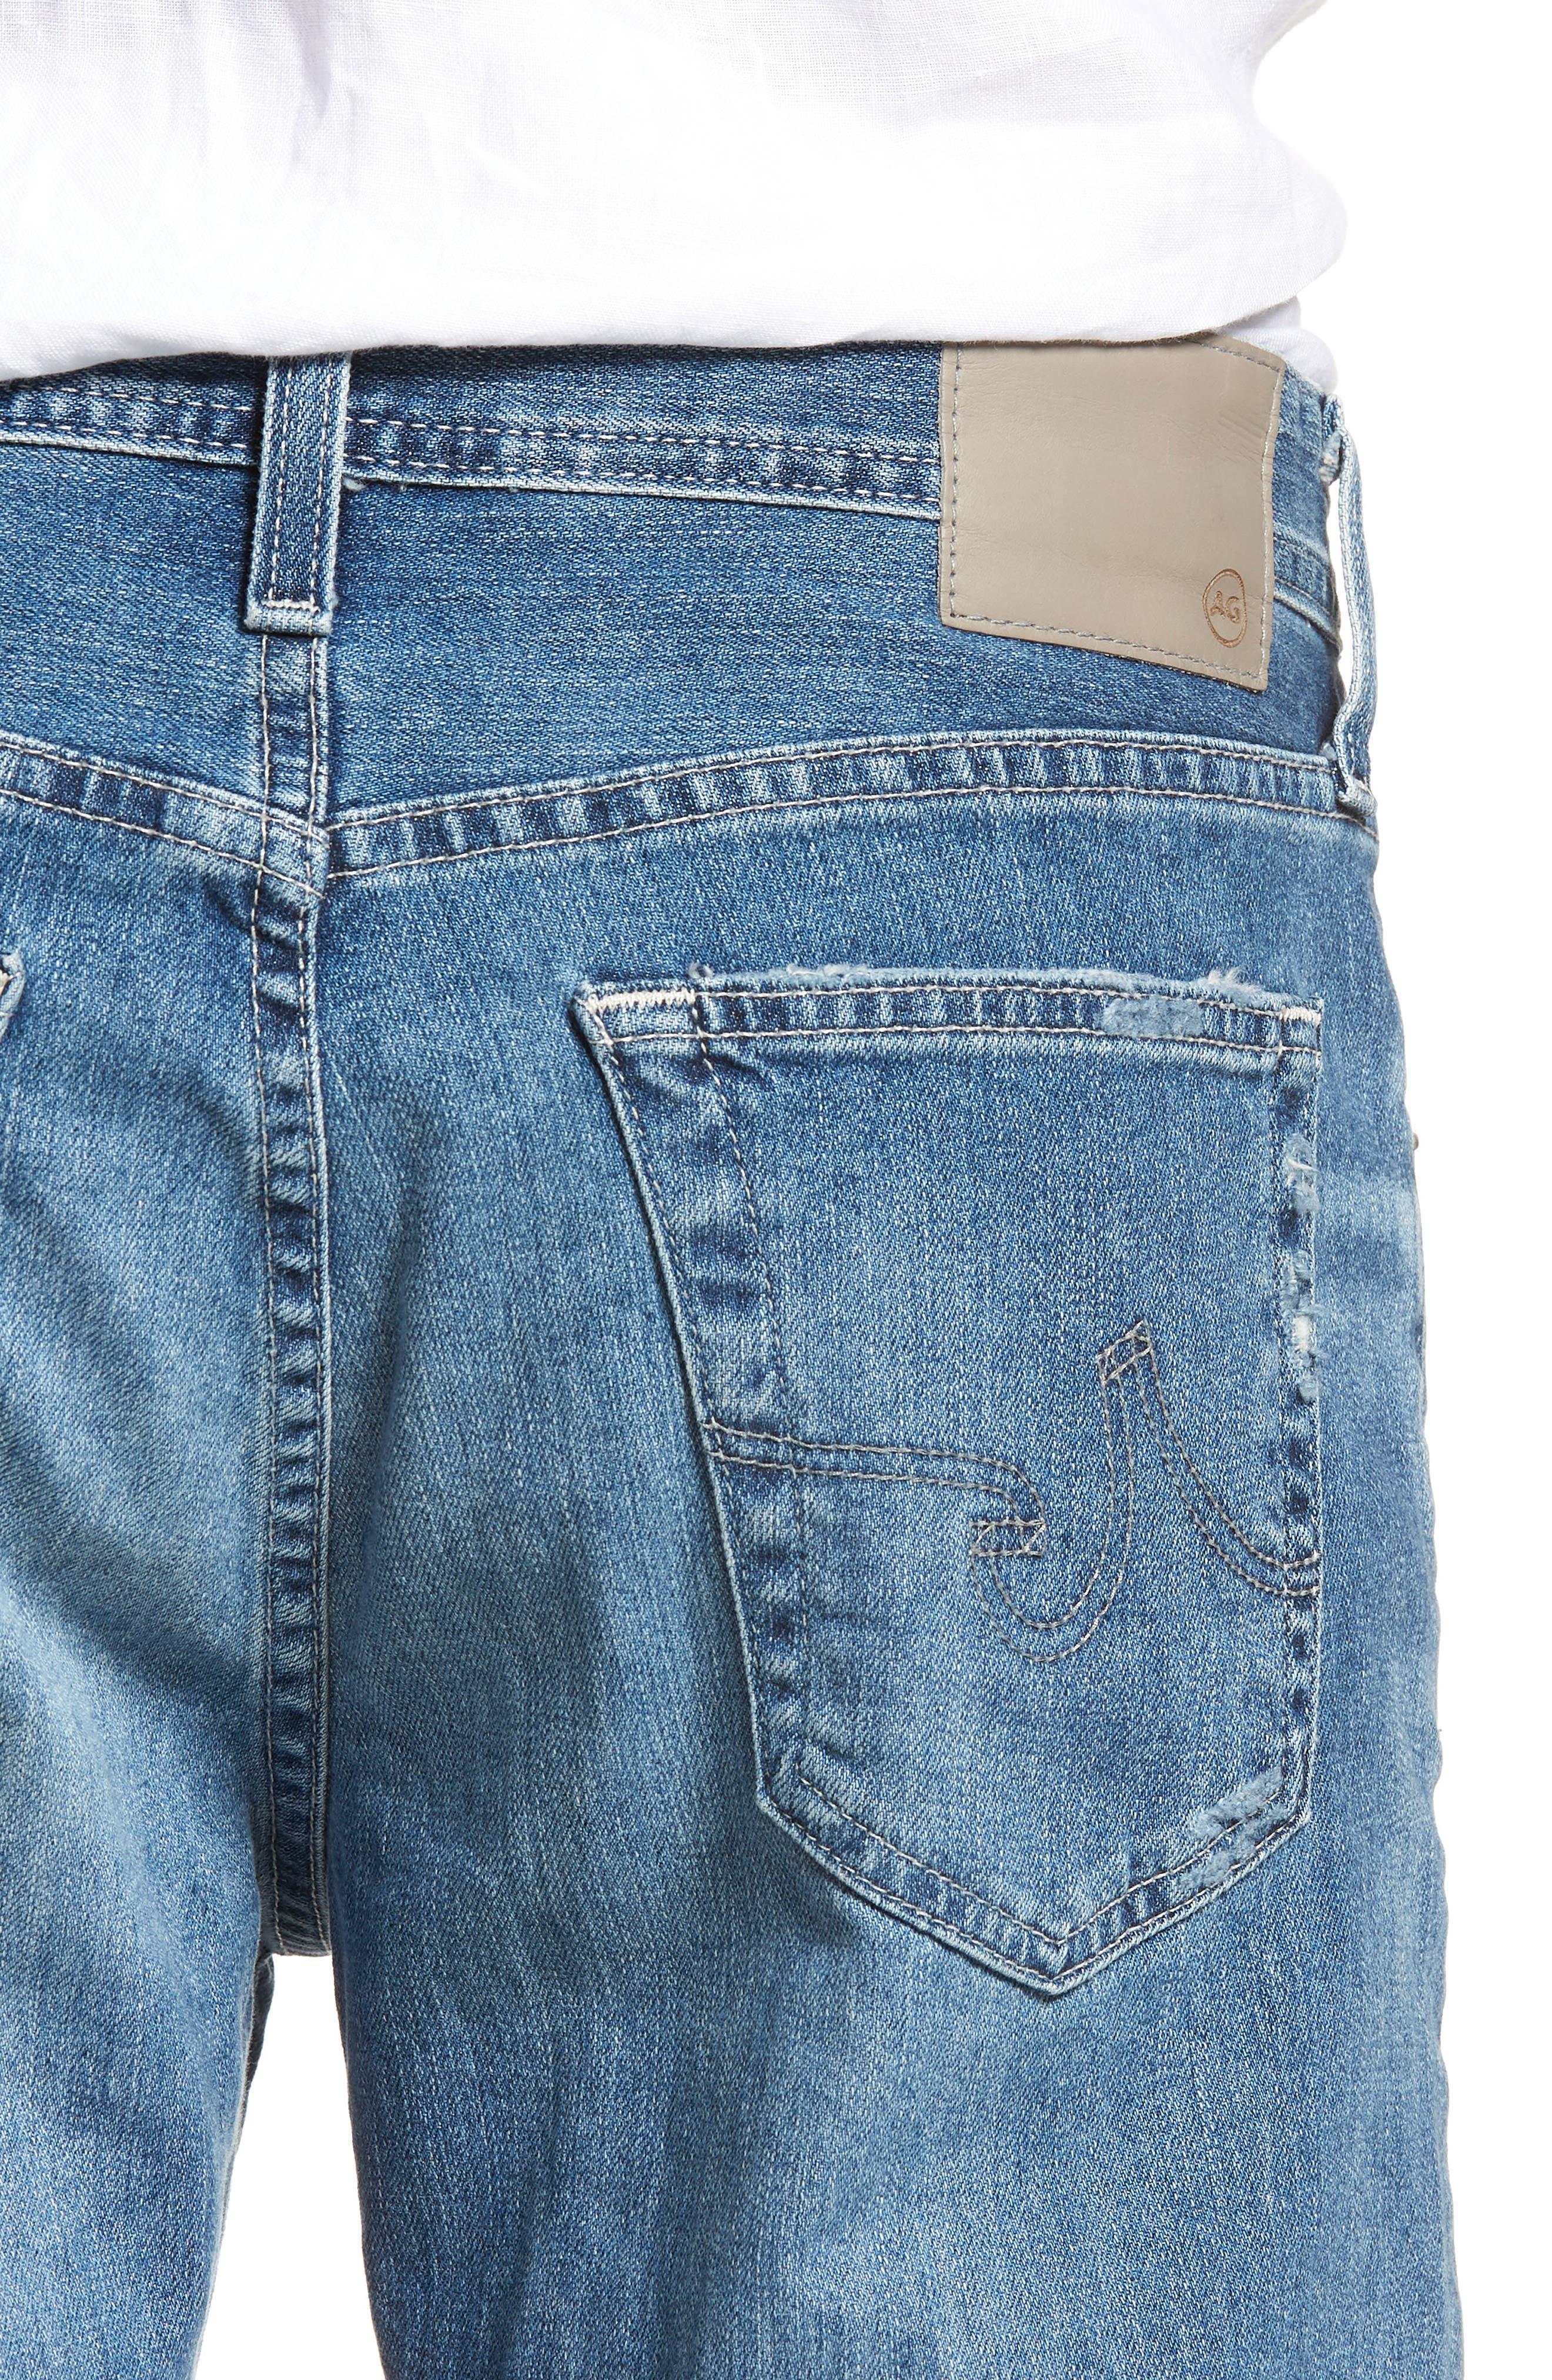 Everett Slim Straight Leg Jeans,                             Alternate thumbnail 4, color,                             15 YEARS SWEPT UP